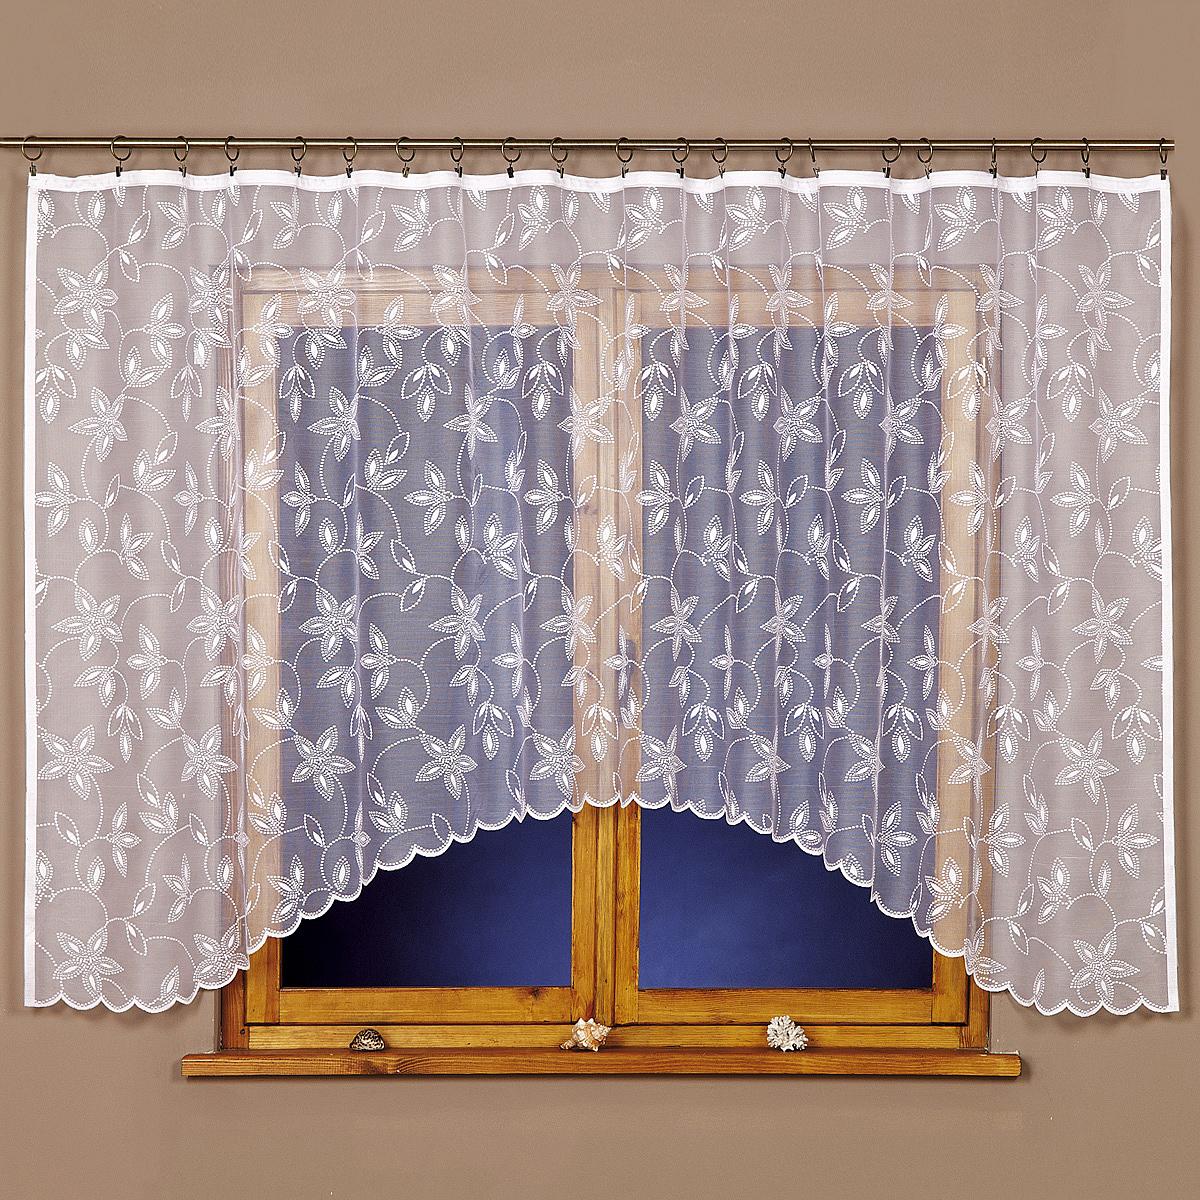 4Home záclona Marika, 350 x 175 cm